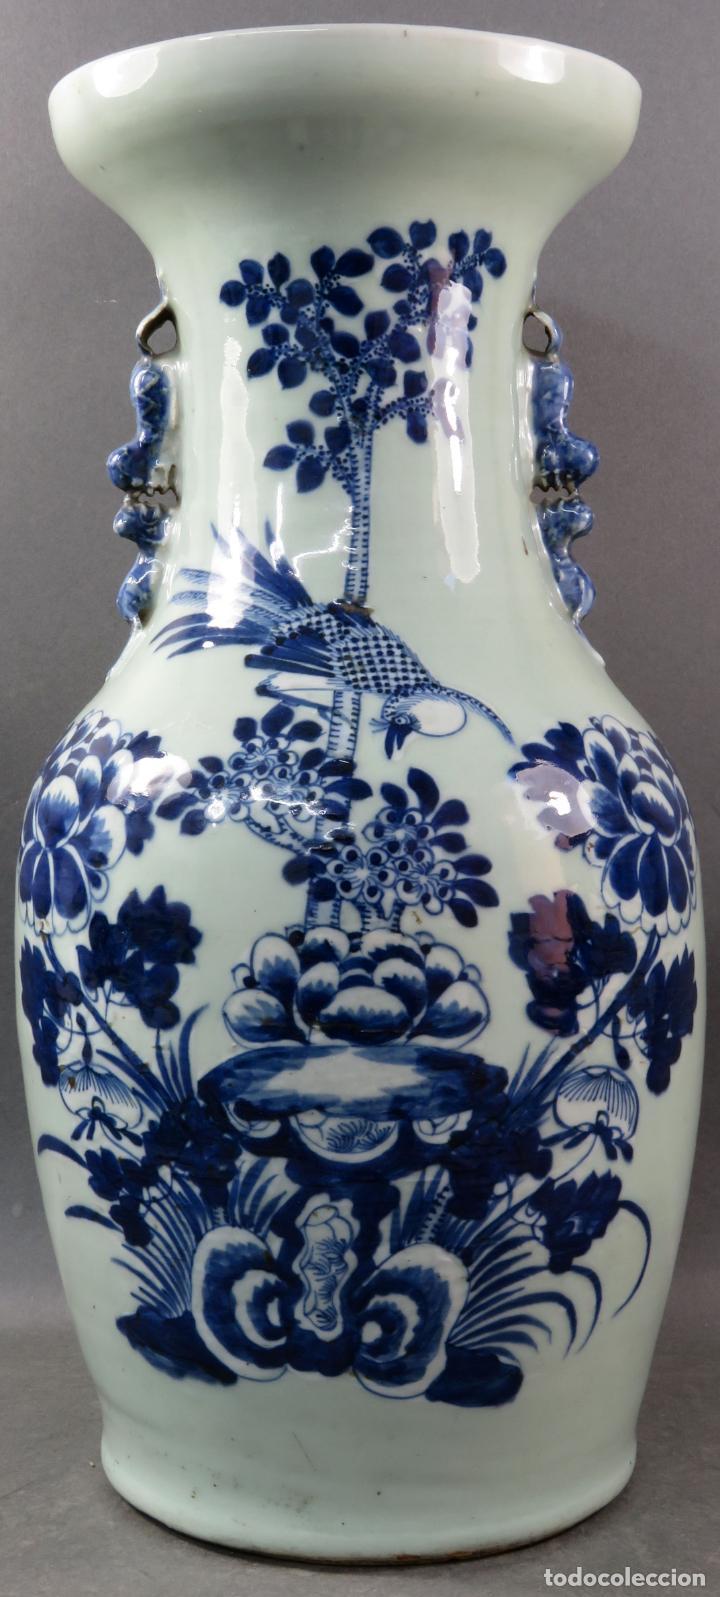 JARRÓN EN PORCELANA CHINA CELADÓN BLANCO Y AZUL HACIA 1900 (Antigüedades - Porcelanas y Cerámicas - China)